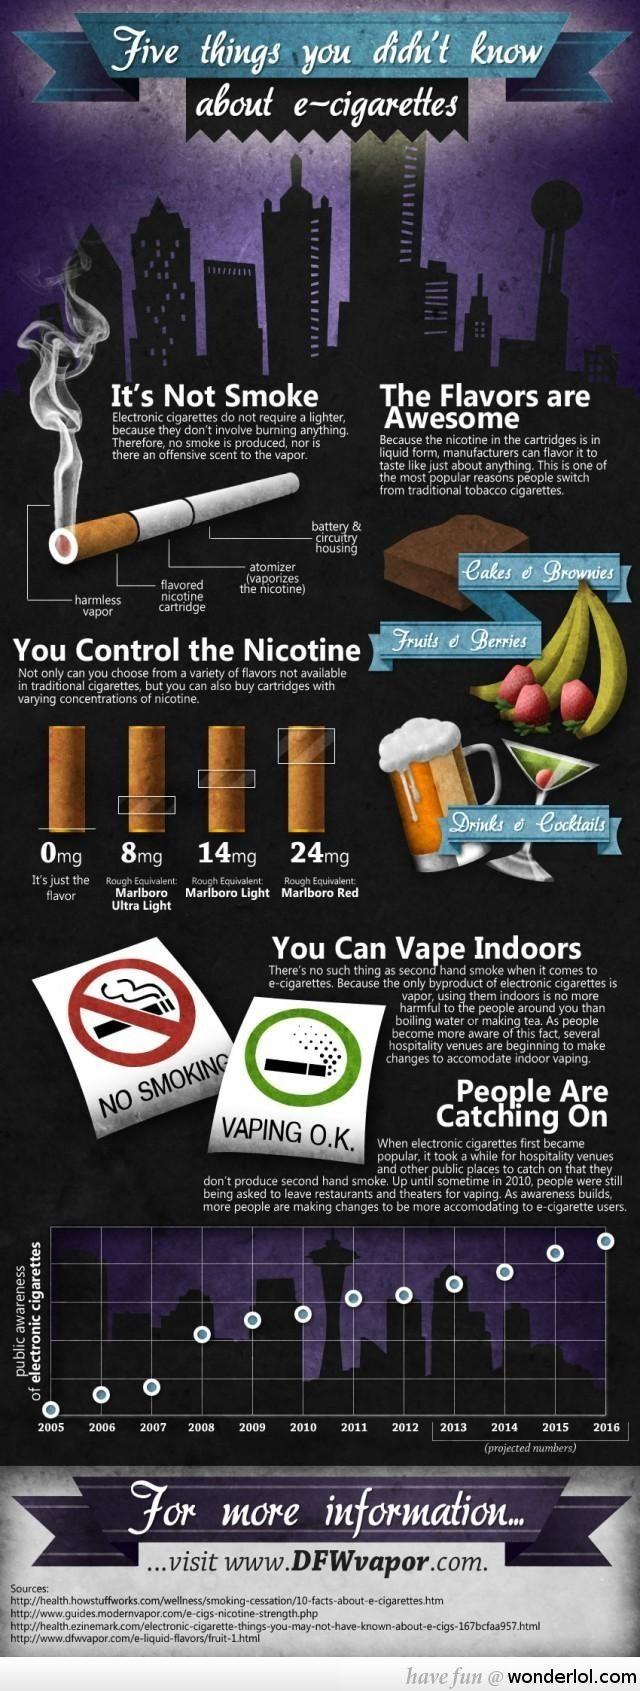 visit our e-store www.e-cigarilicious.com for the best e-cigarettes